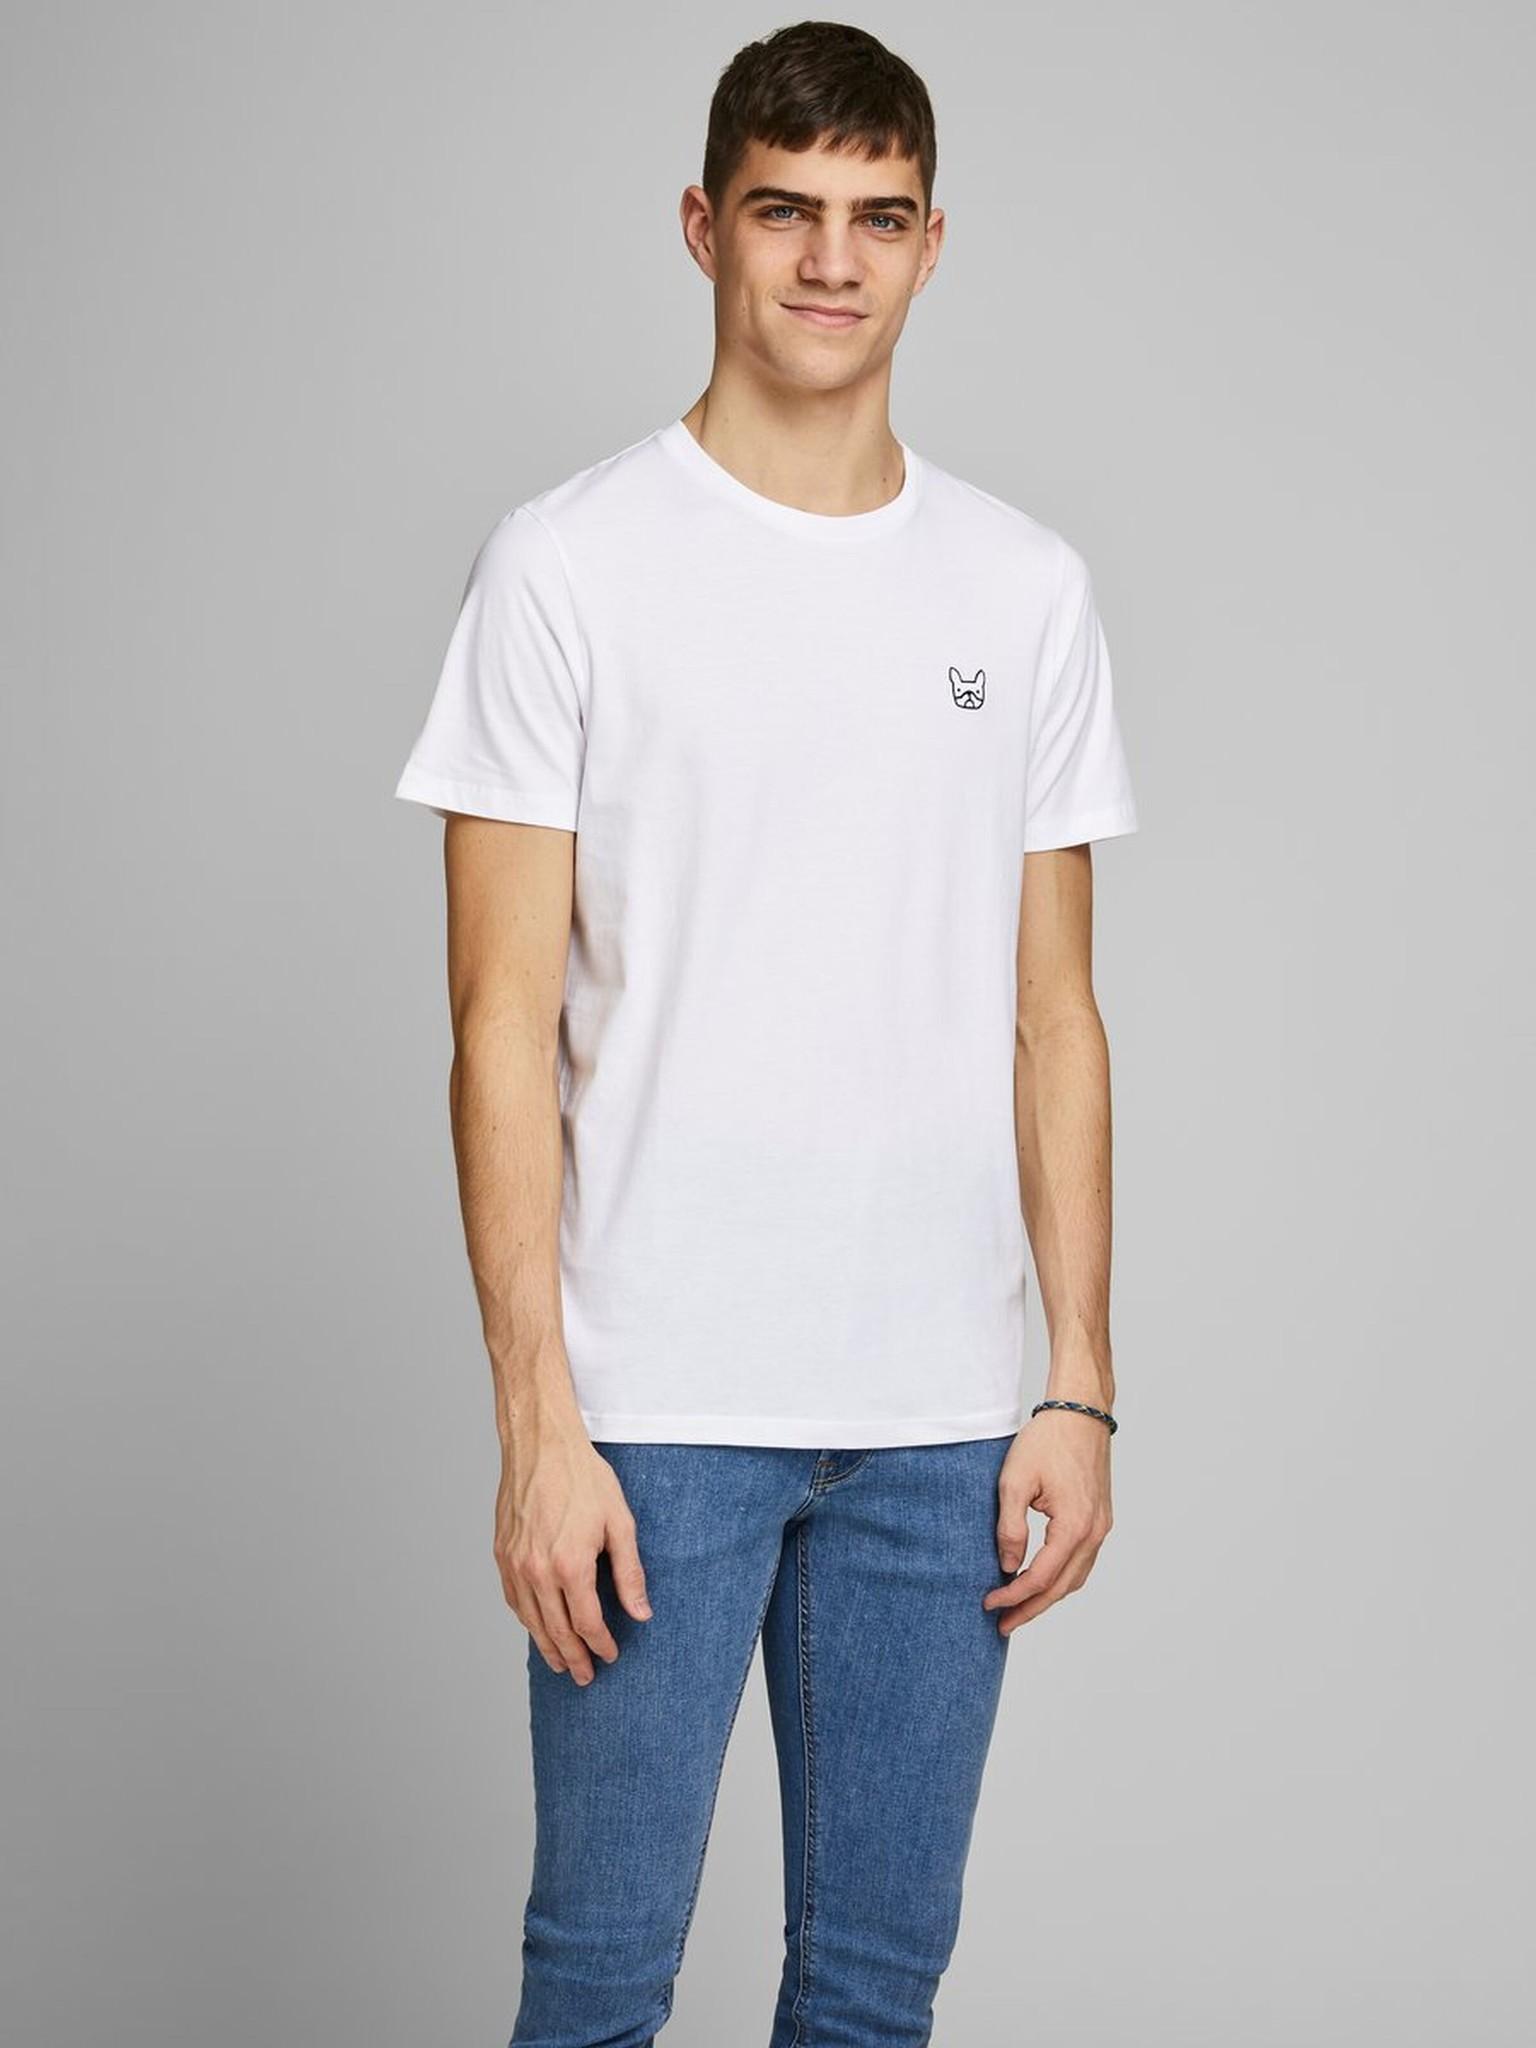 JACK & JONES coton biologique t shirt-2